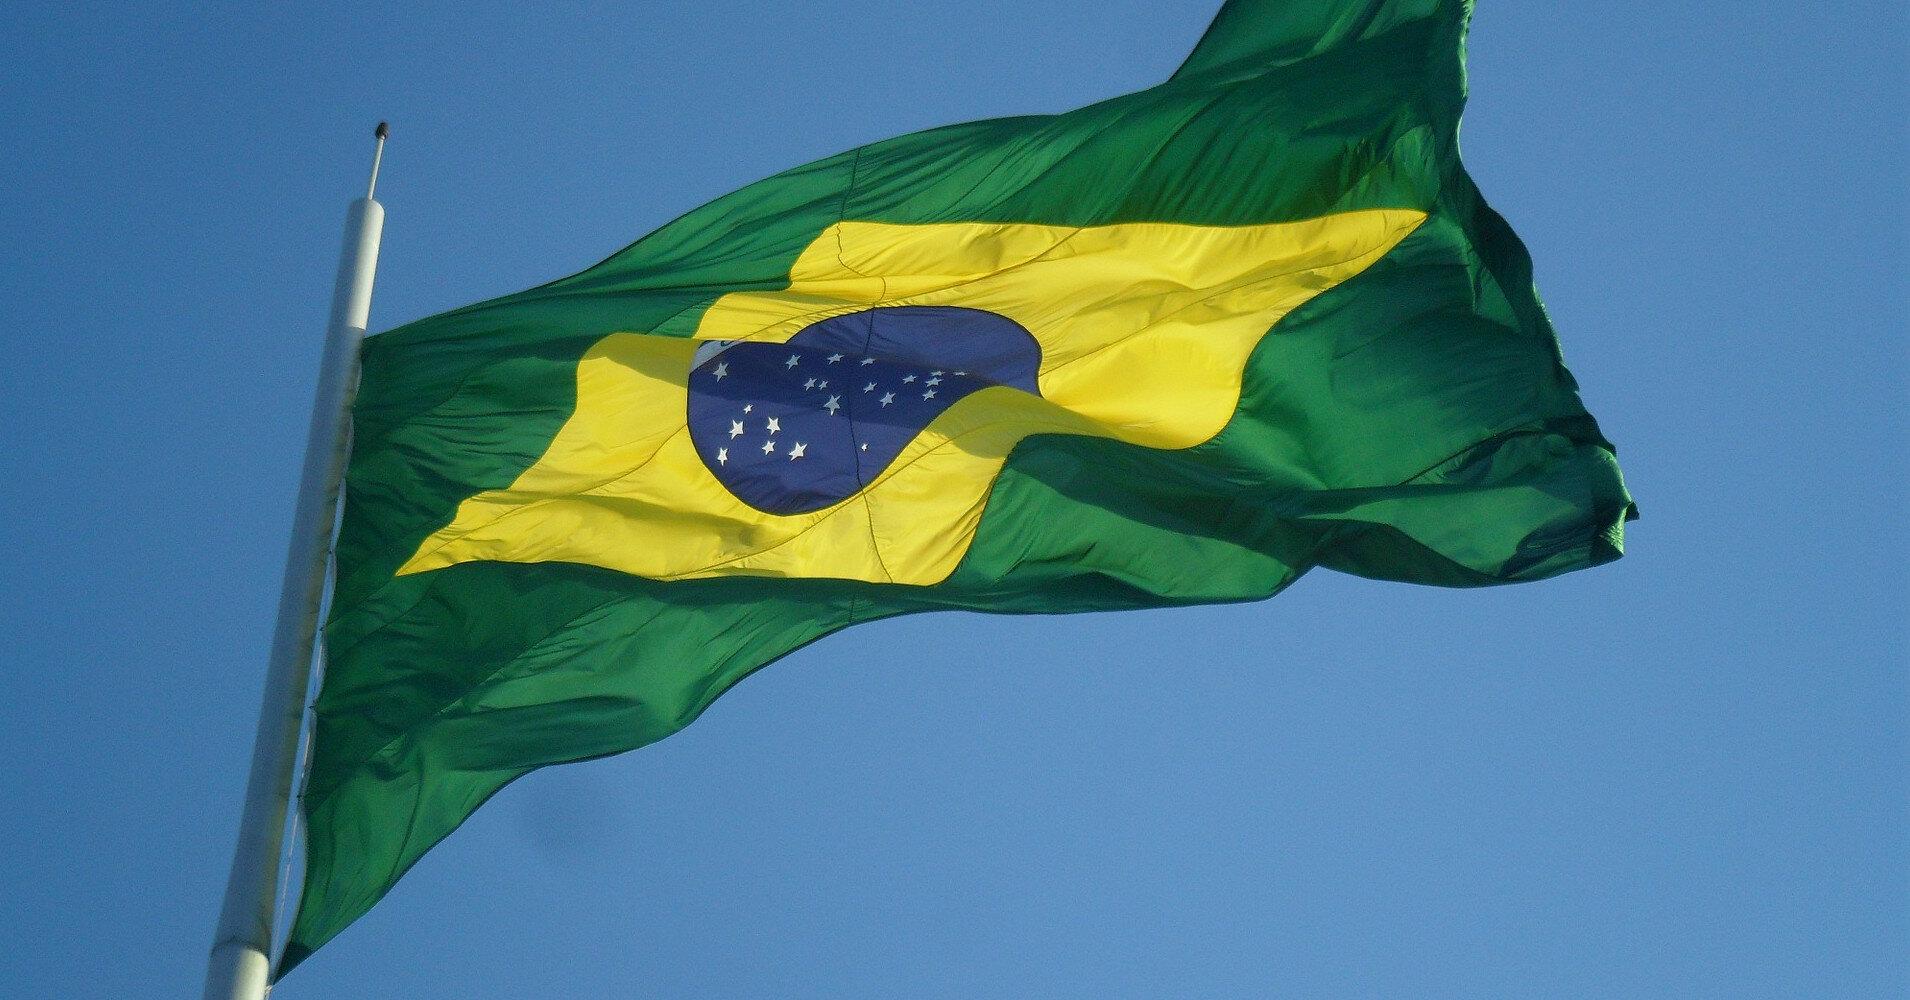 Бразилия побила рекорд по суточным COVID-заражениям